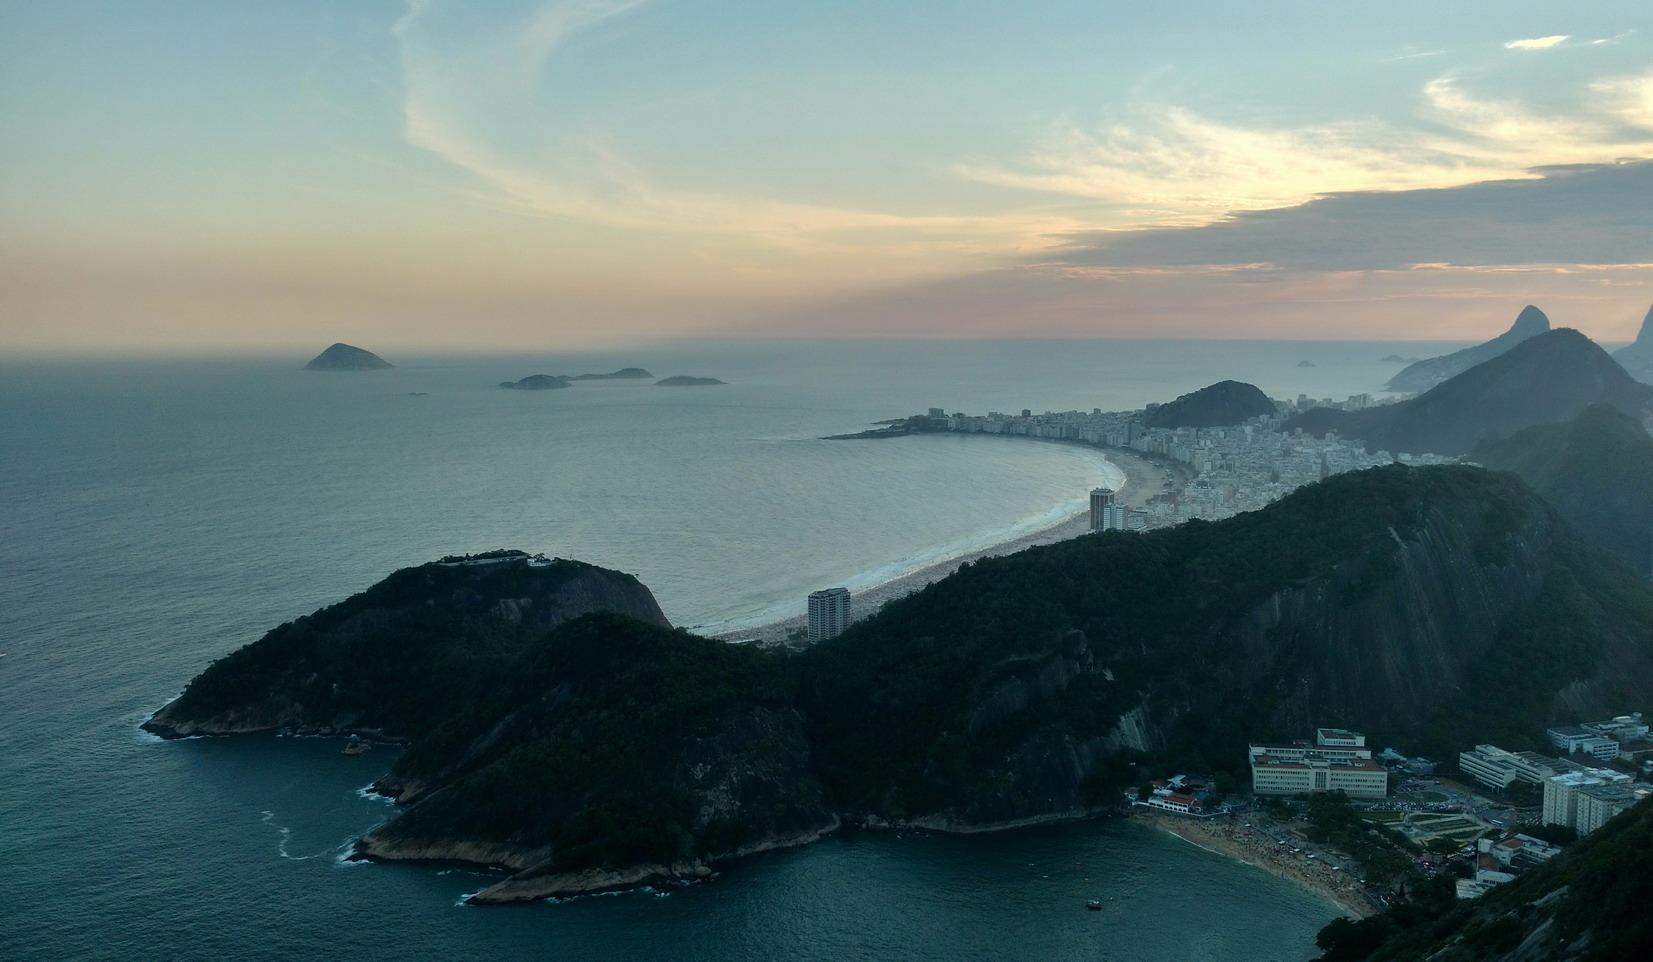 24. Du Pain de sucre vue des plages de Leme et de Copacabana